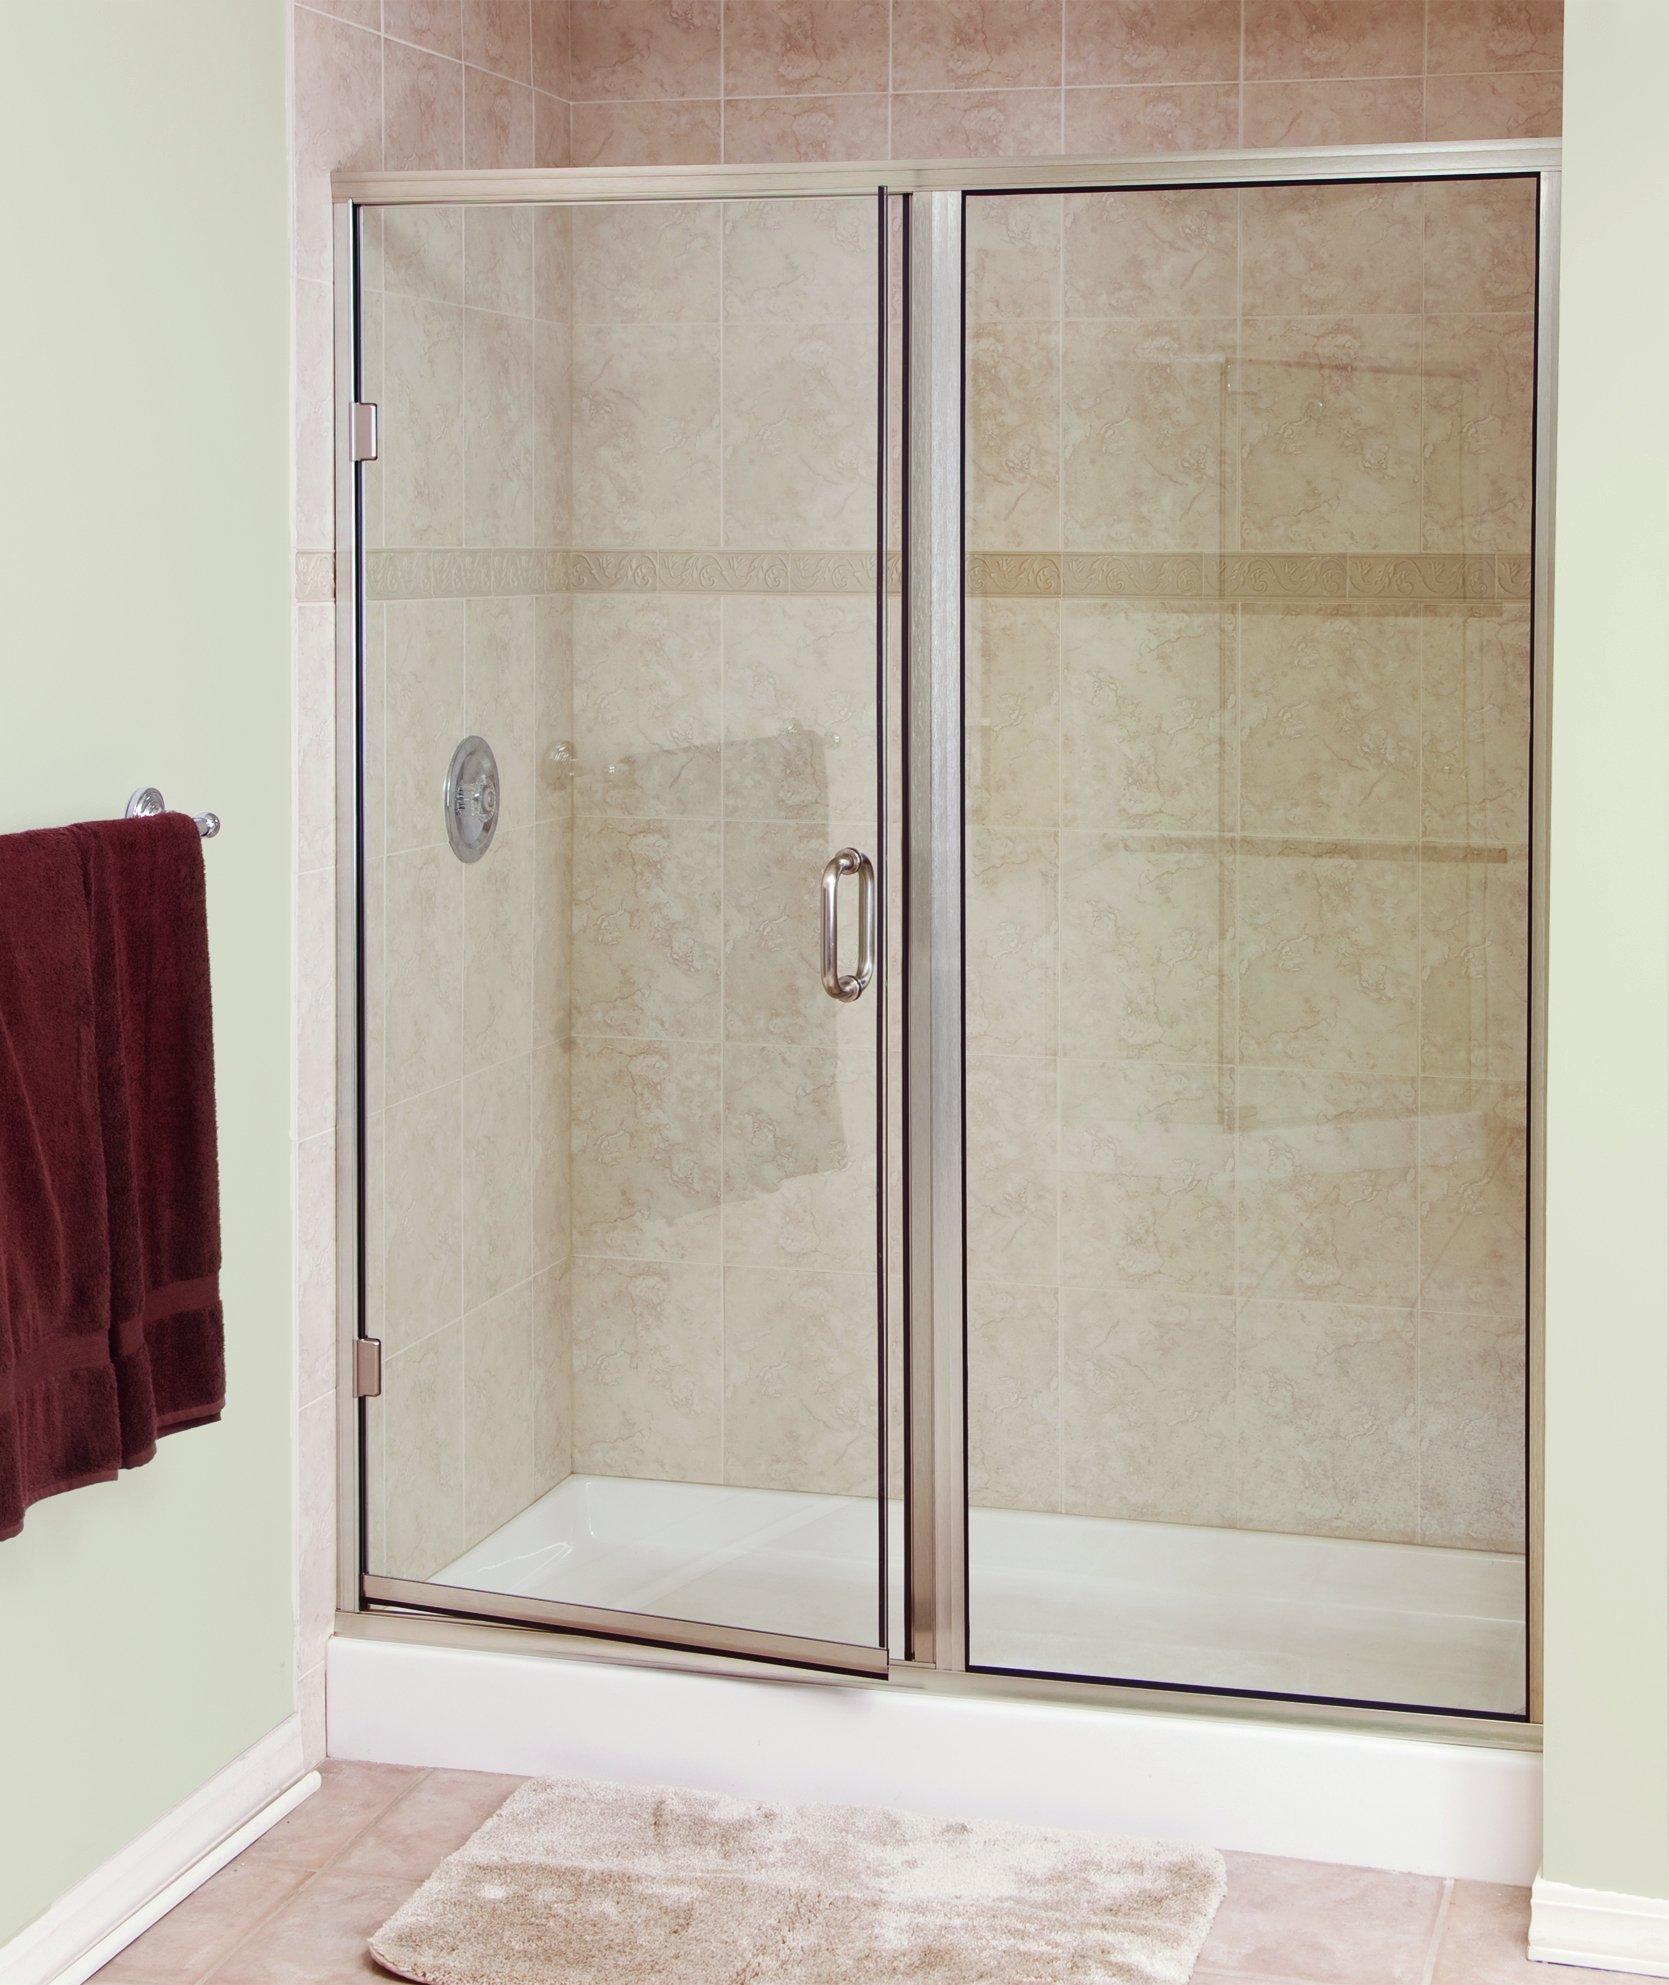 Showe Doors Amp Aston Completely Frameless Tub Height